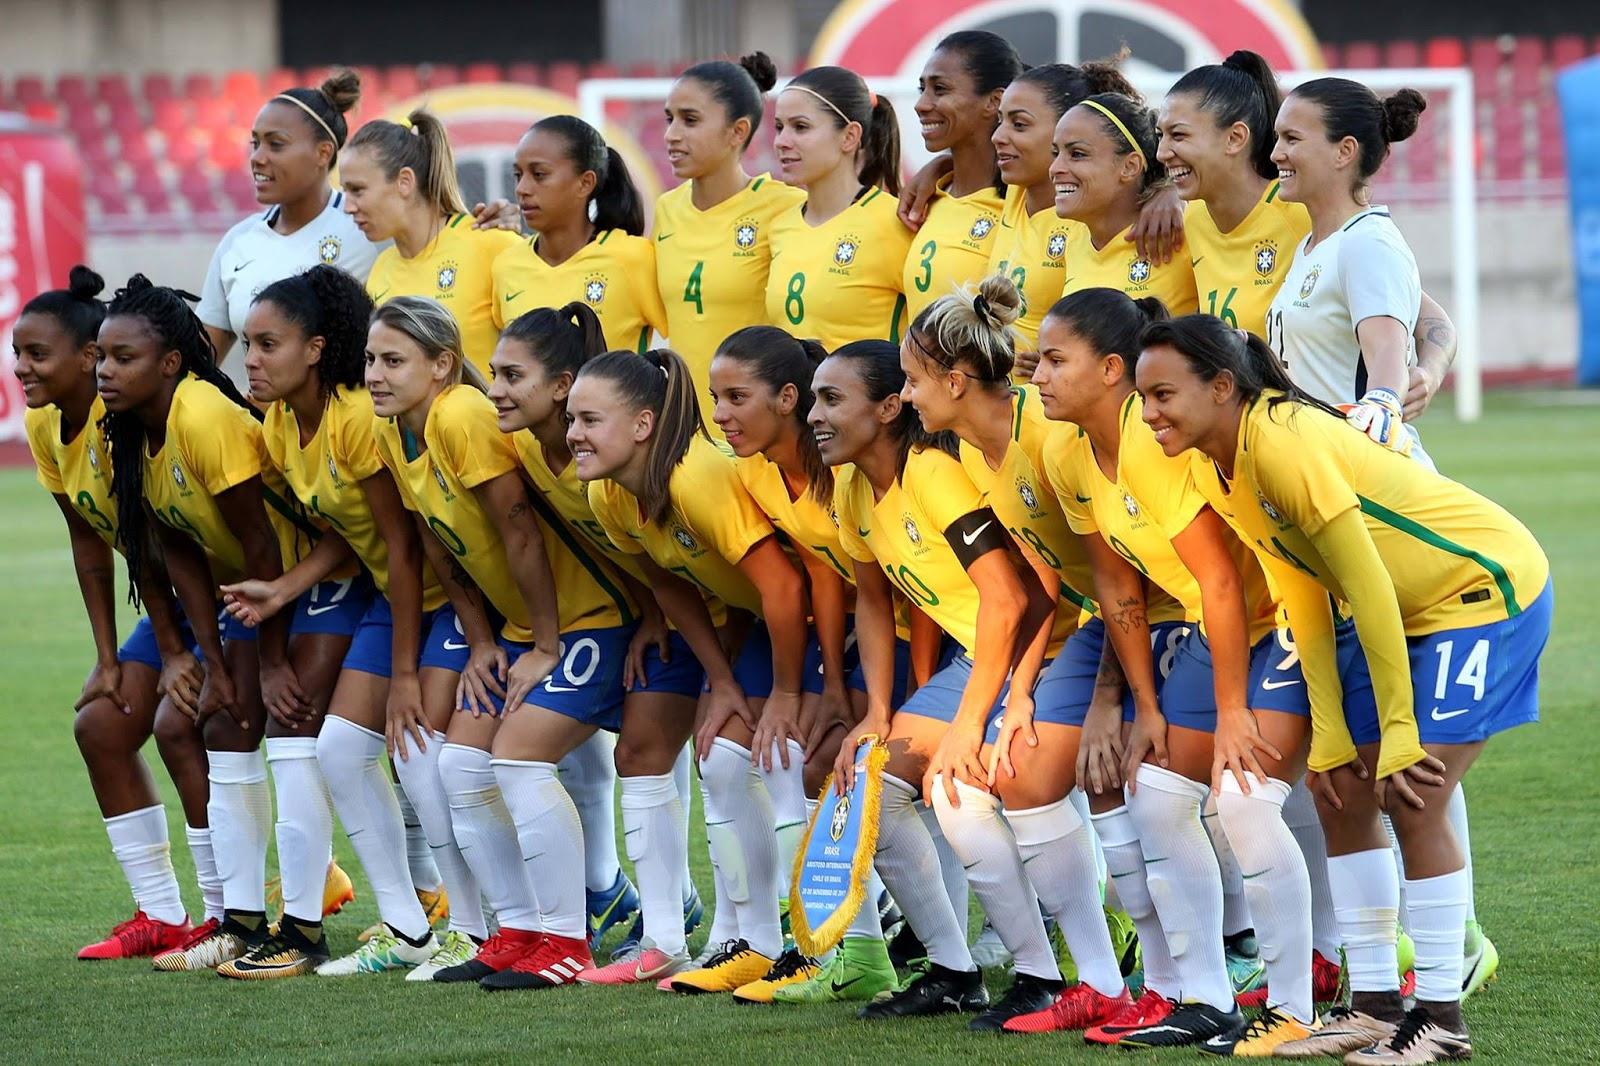 Titulares y suplentes de selección femenina de Brasil ante Chile, amistoso disputado el 28 de noviembre de 2017